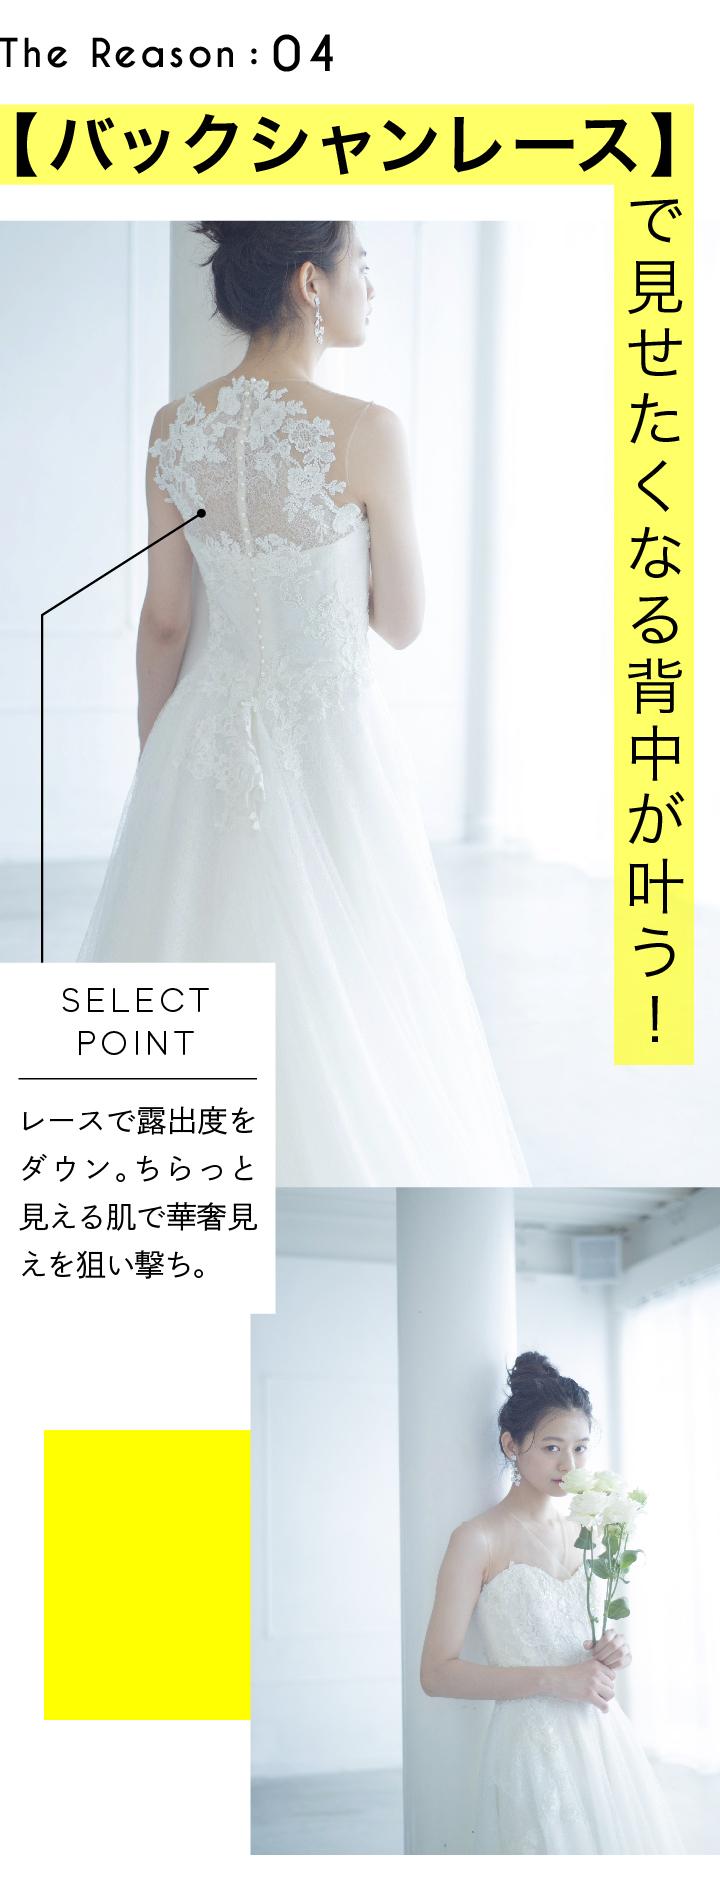 バックシャンレースのドレス画像